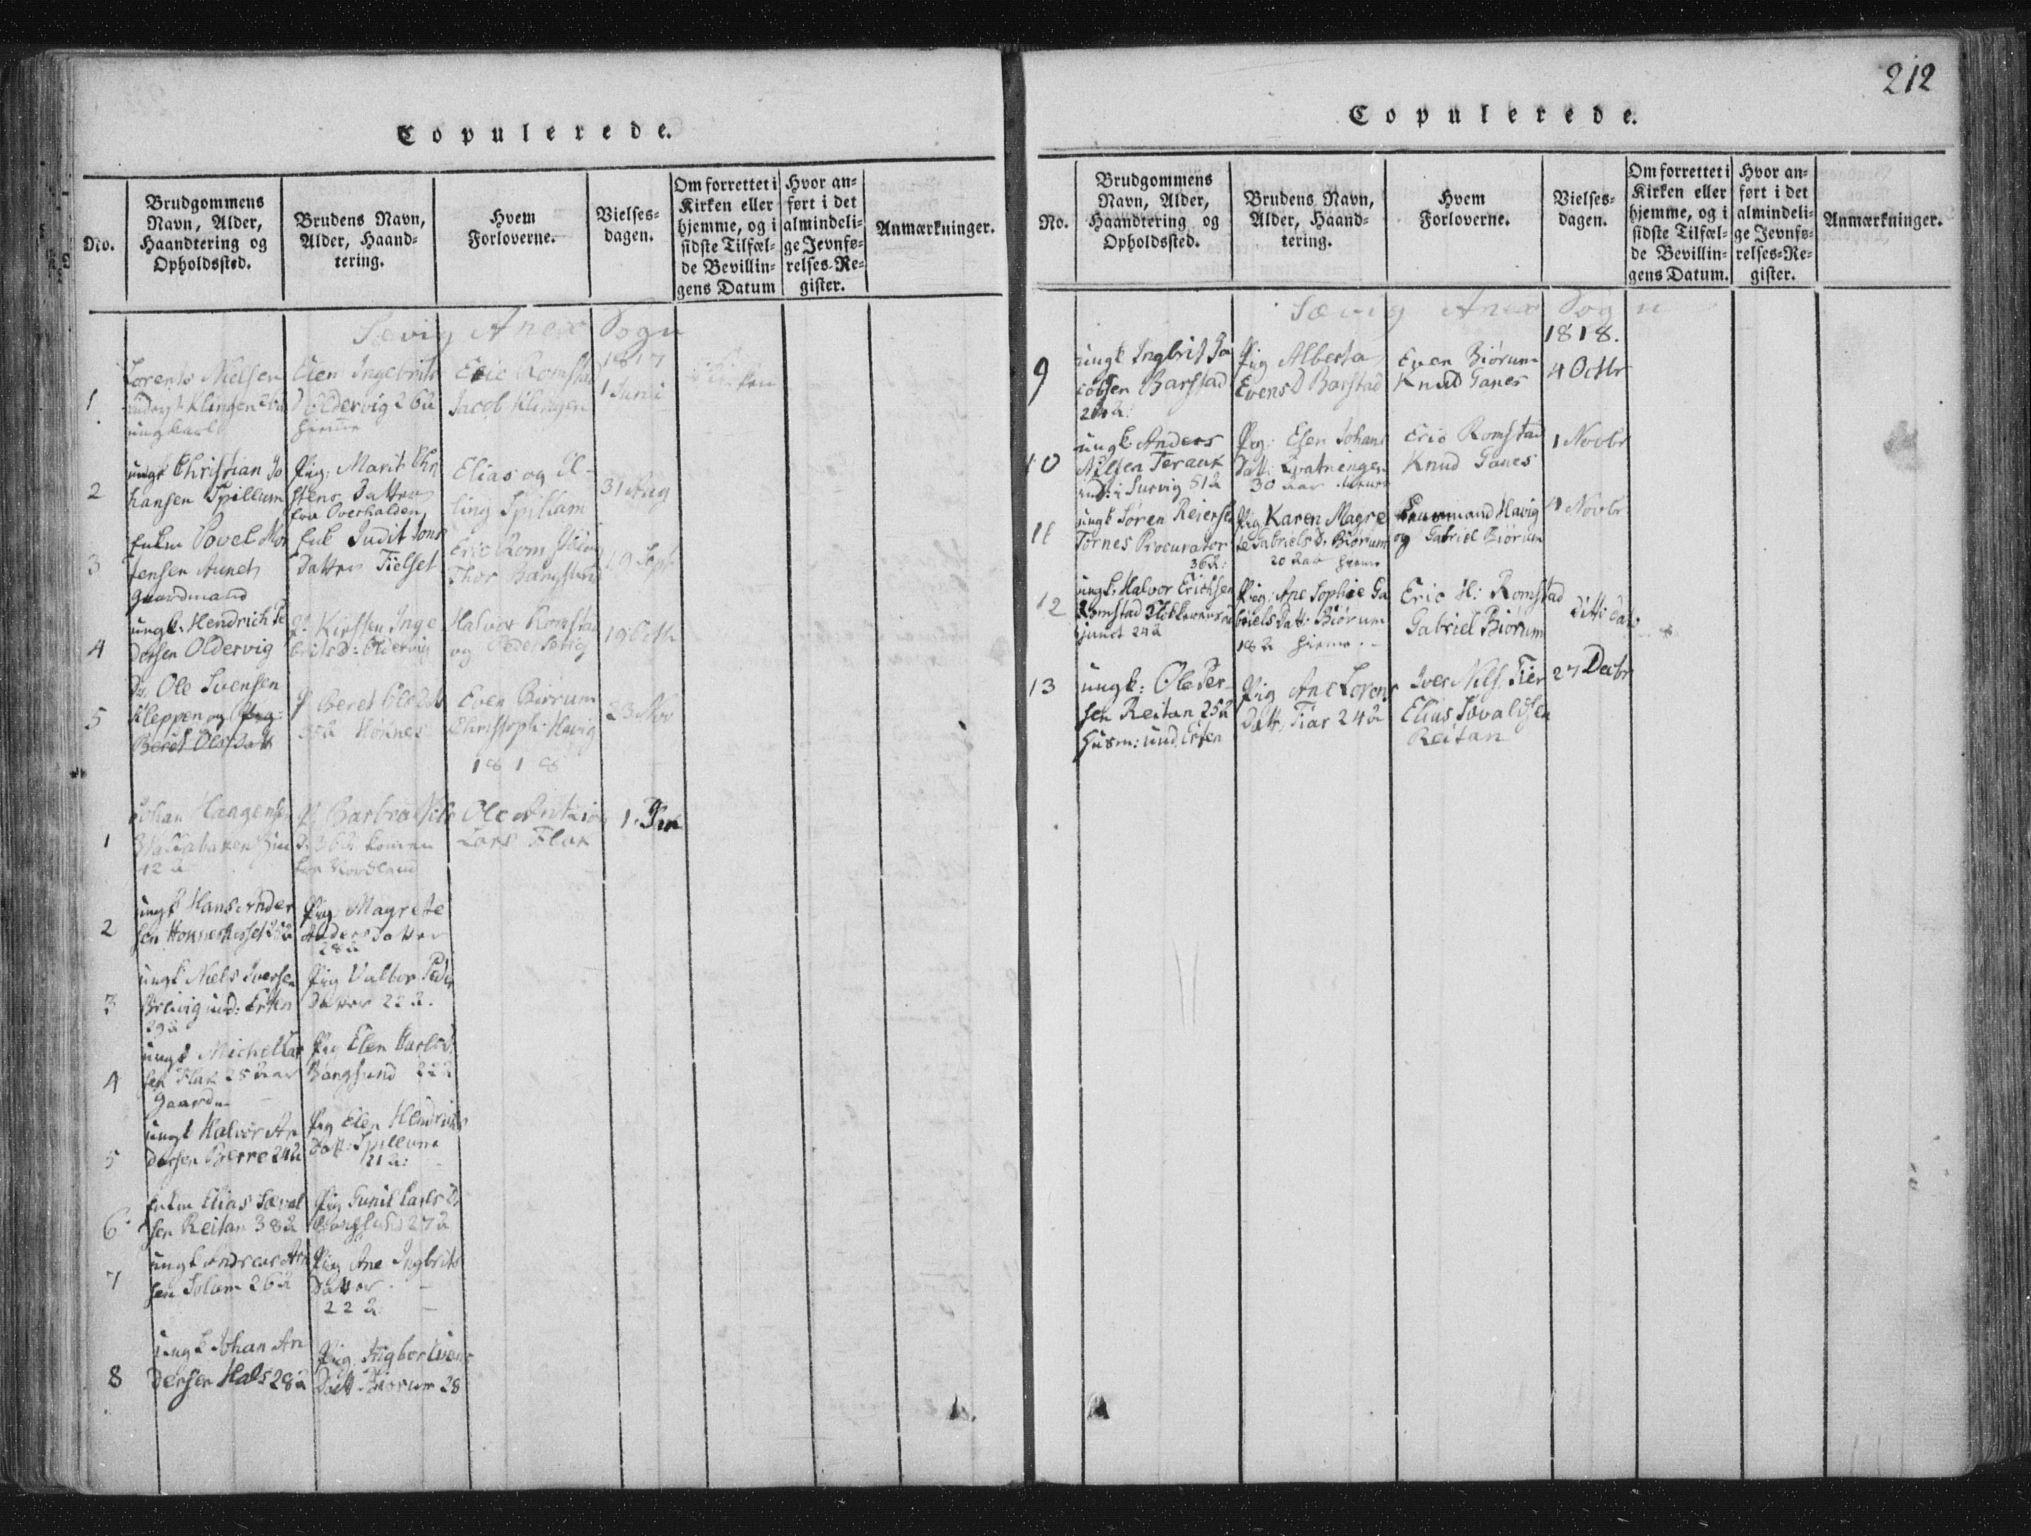 SAT, Ministerialprotokoller, klokkerbøker og fødselsregistre - Nord-Trøndelag, 773/L0609: Ministerialbok nr. 773A03 /4, 1815-1818, s. 212